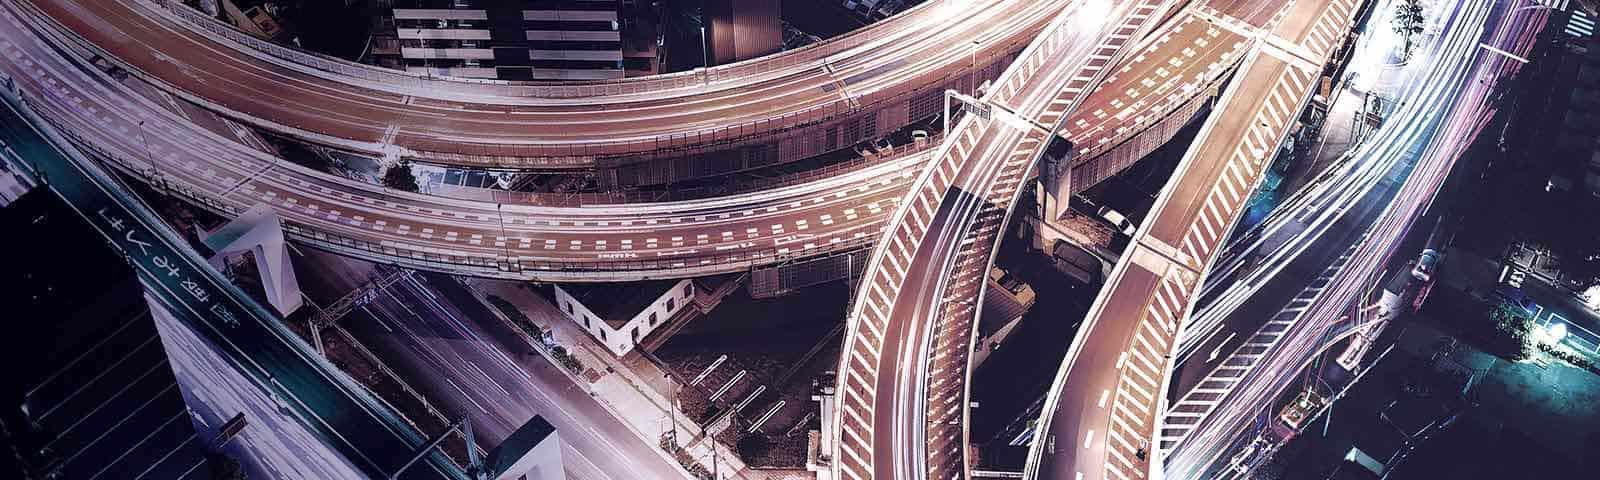 Overhead shot of a highway interchange